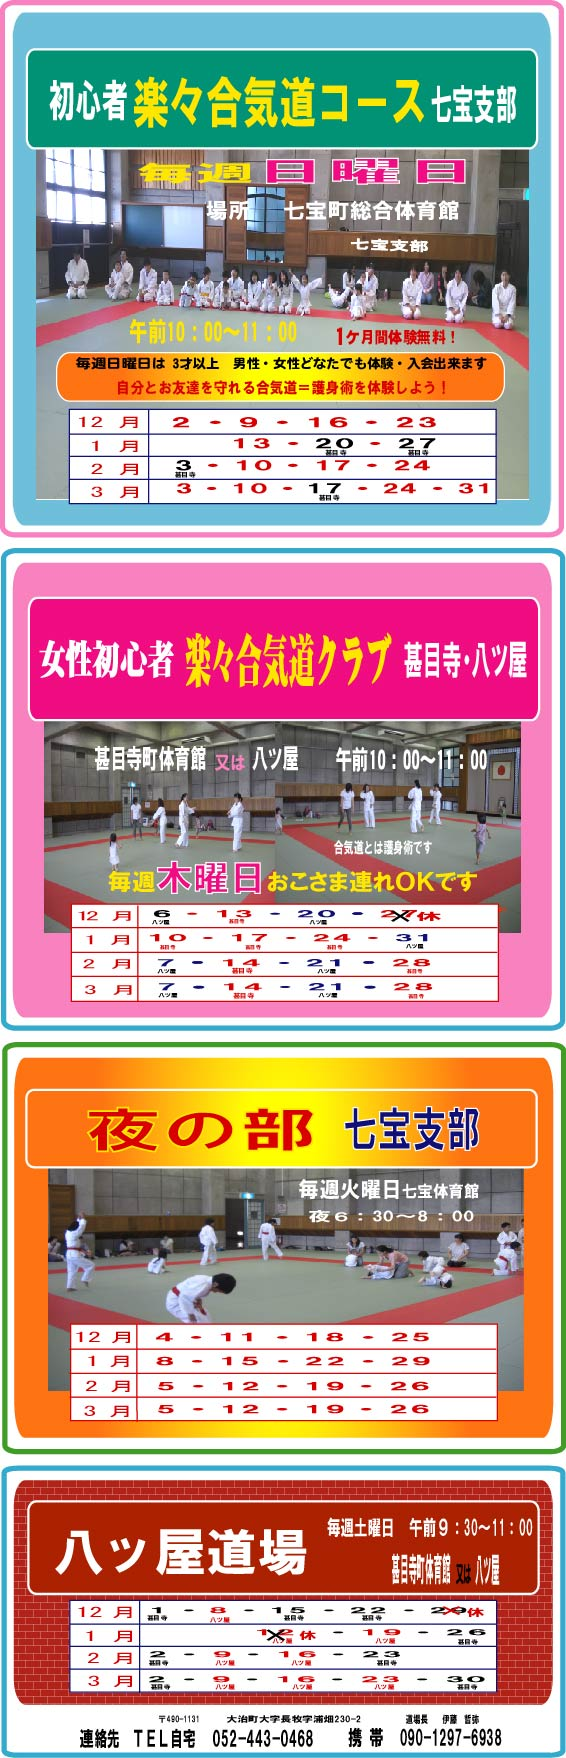 予定表12・1・2・3月.JPEG